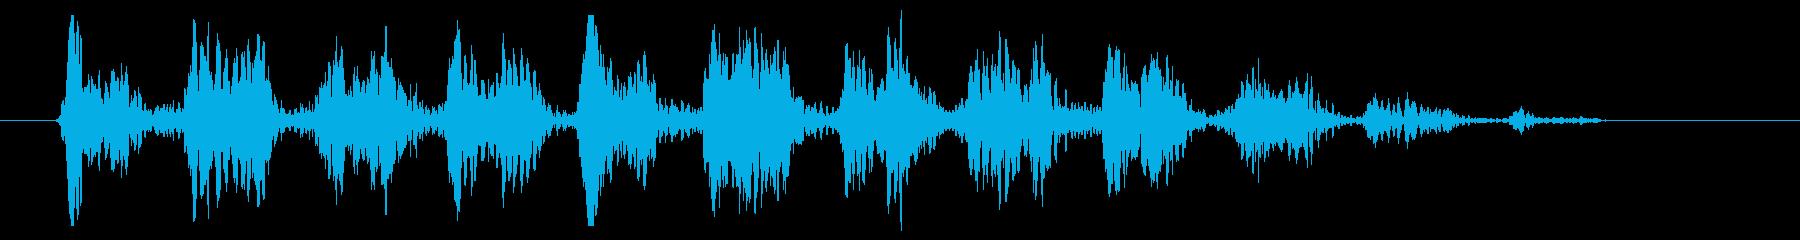 ワゥワゥワゥ 効果音シンセ LOWの再生済みの波形